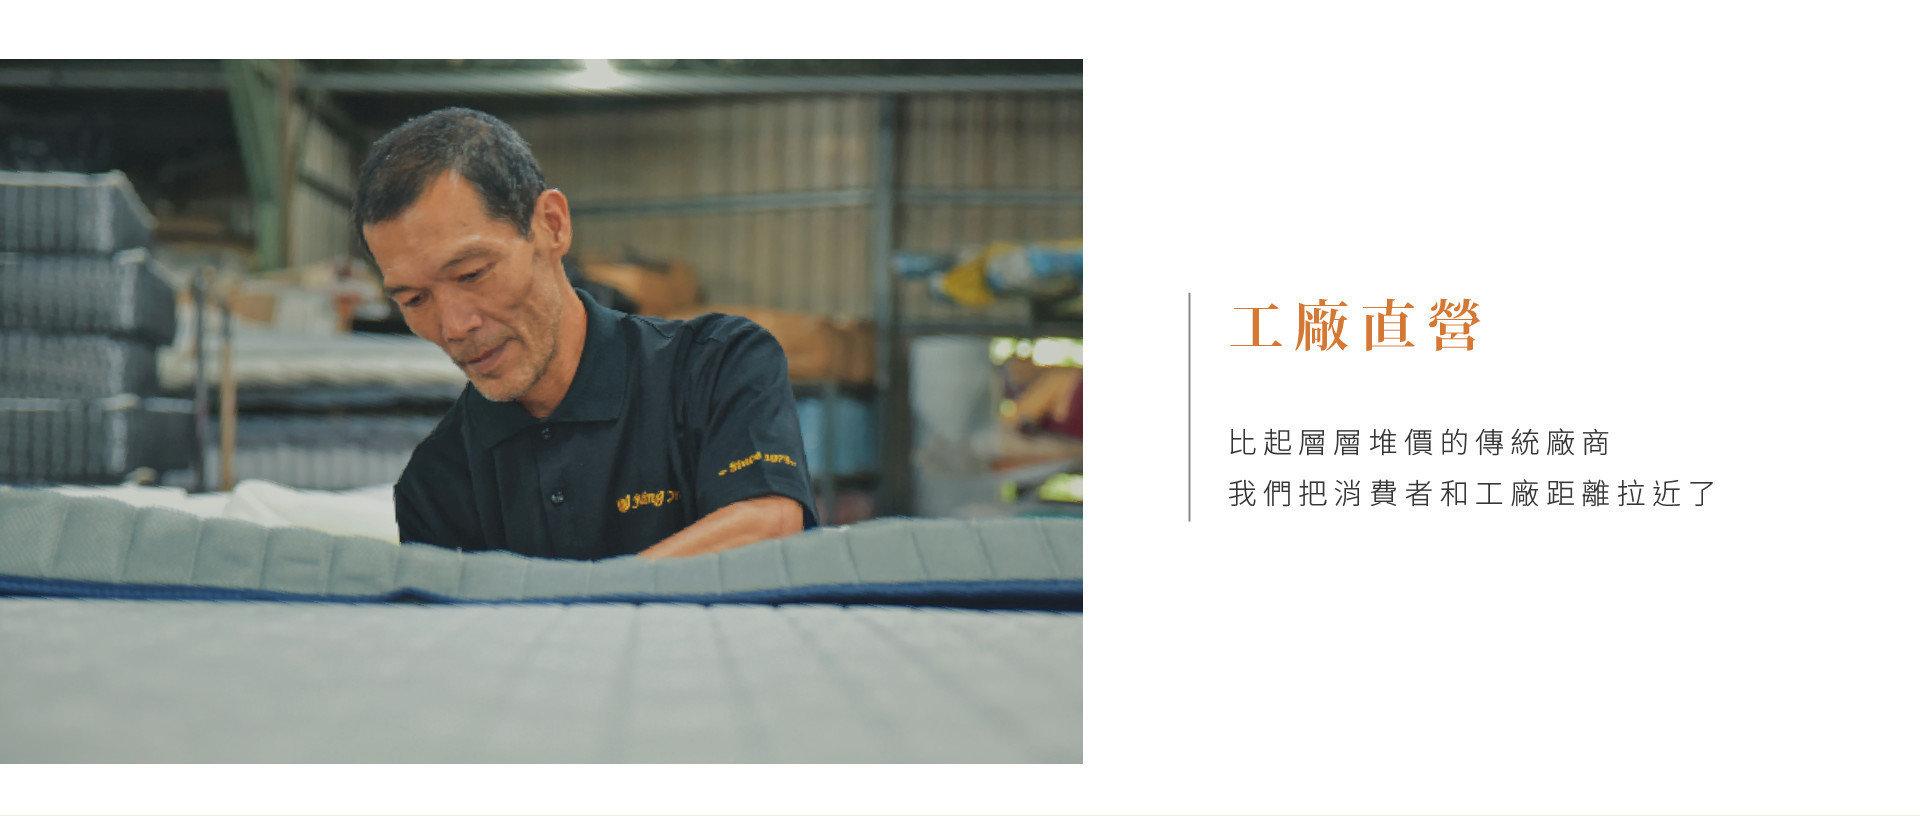 明久家具工廠直營,我們把中間商拿掉,直接面對消費者,價格純天然無加工。